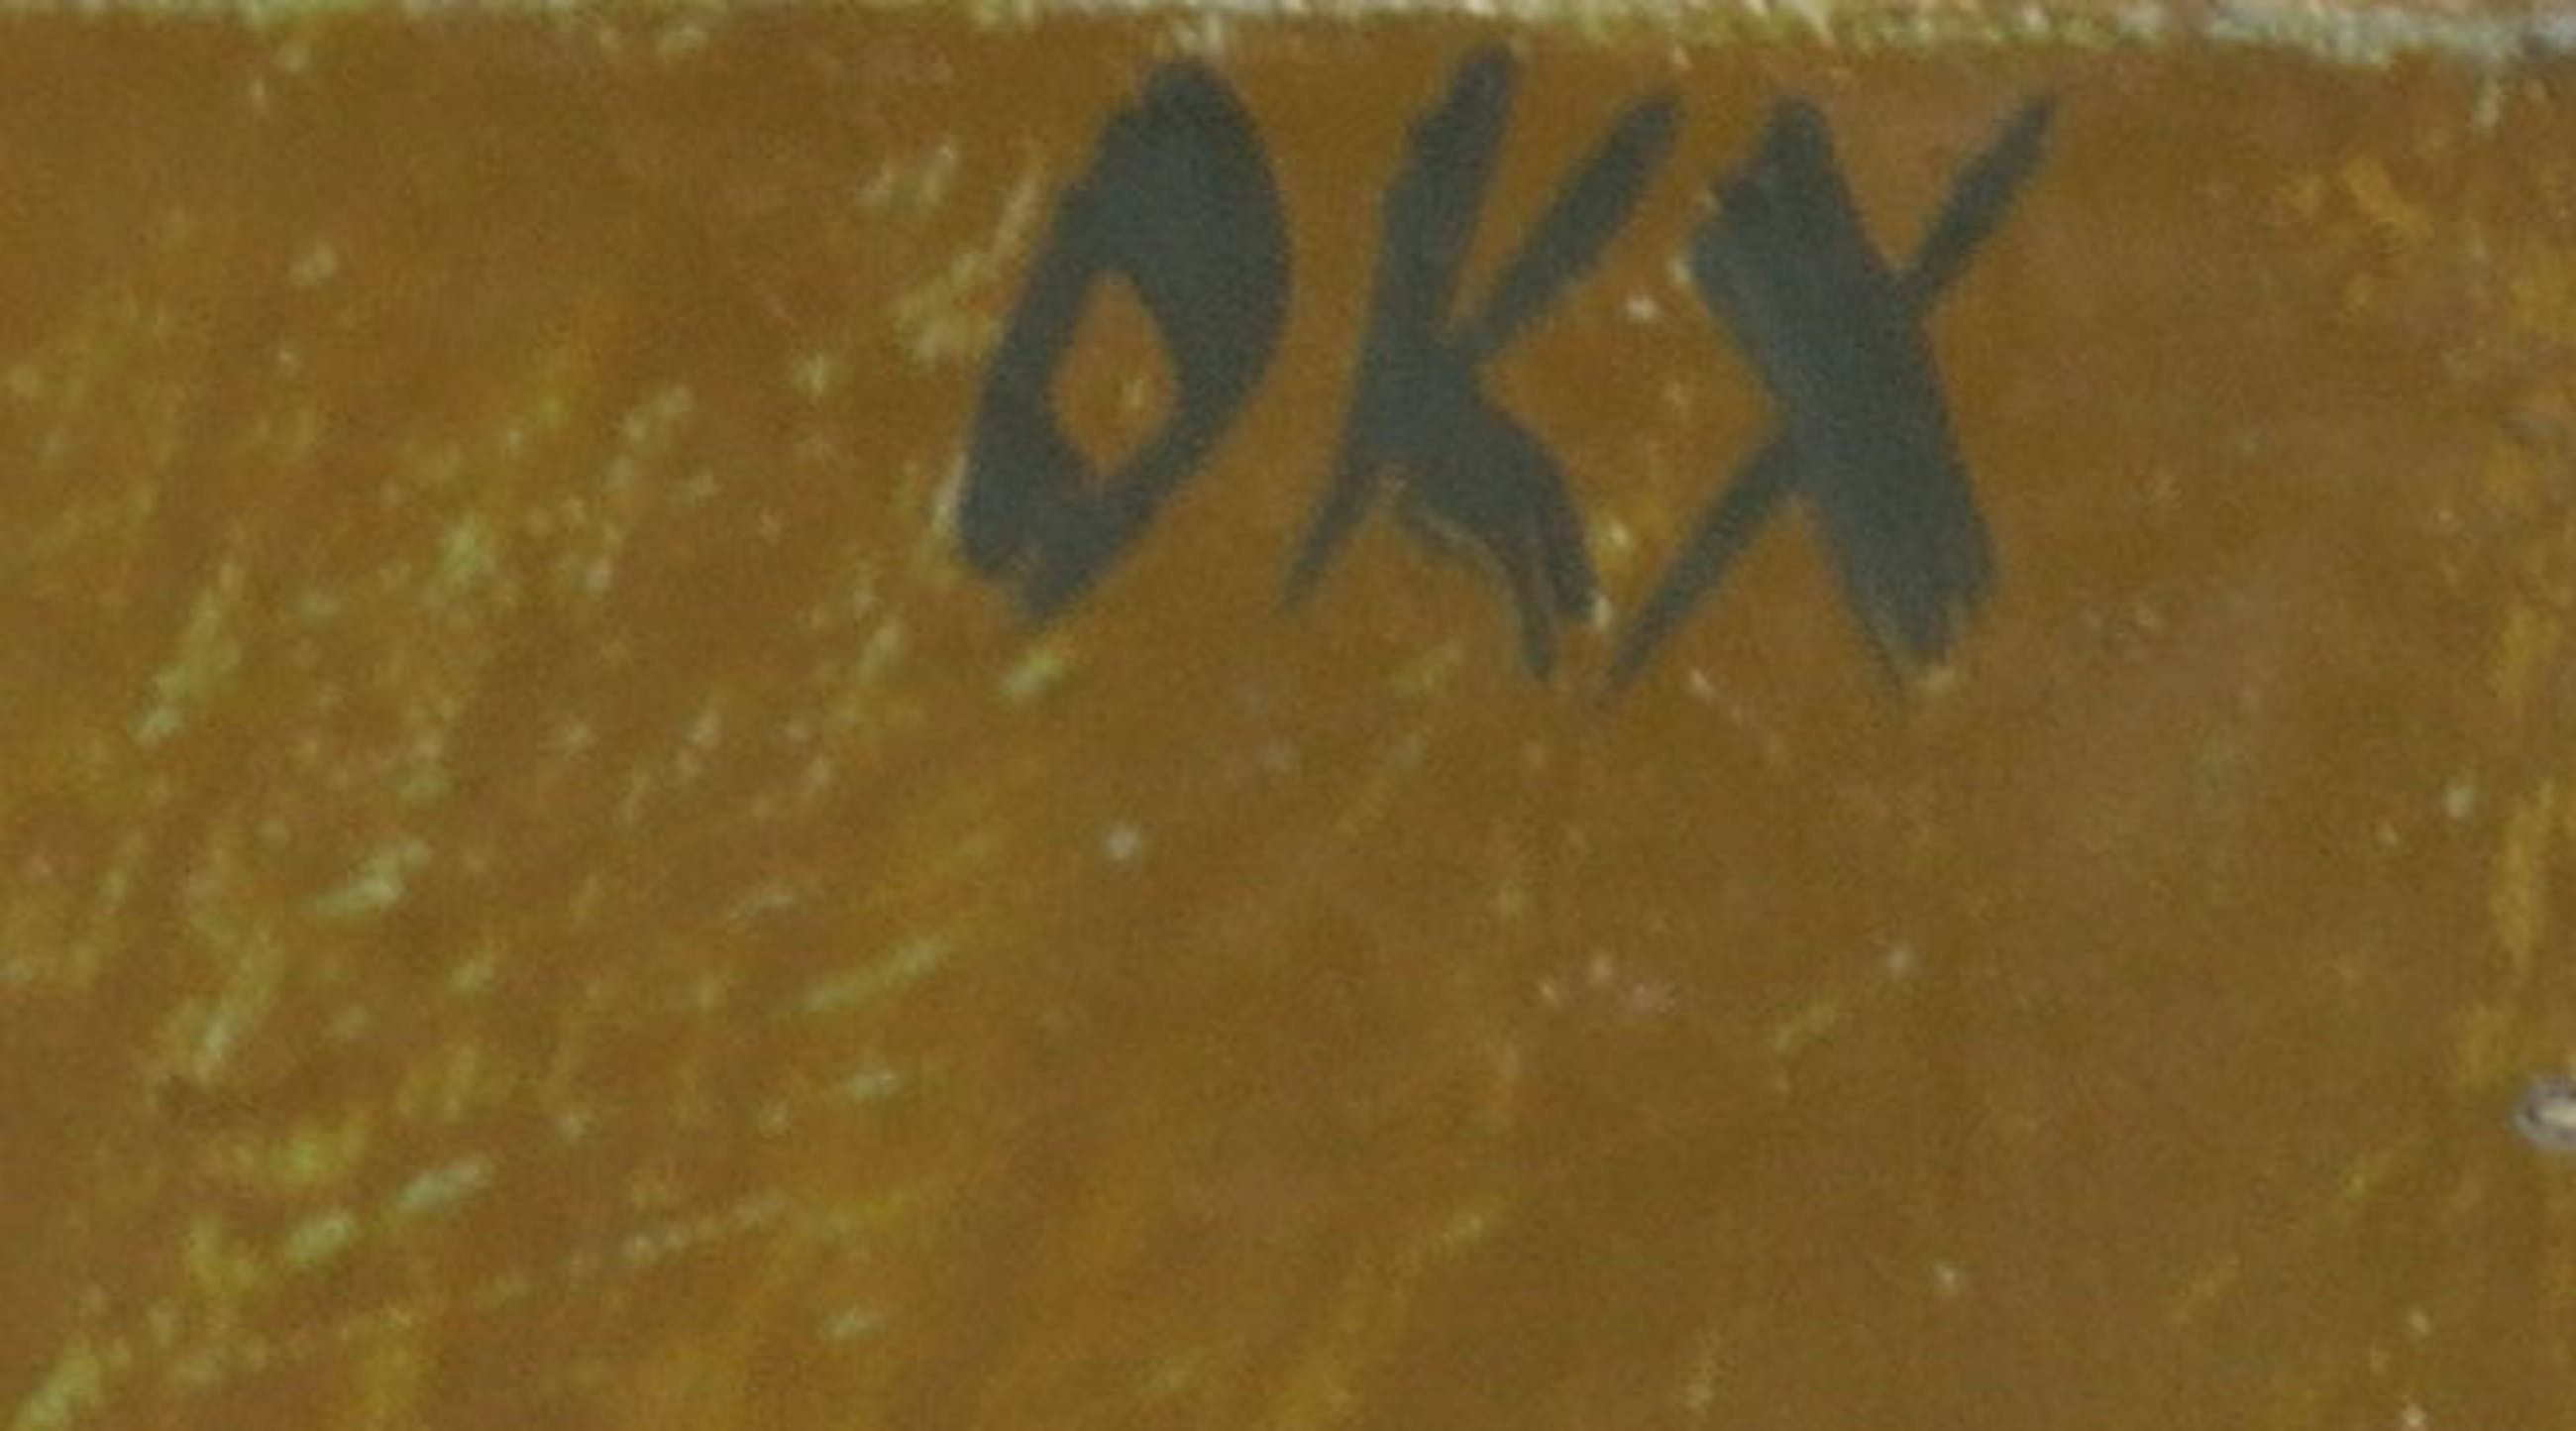 Kees Okx - Olieverf op doek, Abstract landschap - Ingelijst kopen? Bied vanaf 150!